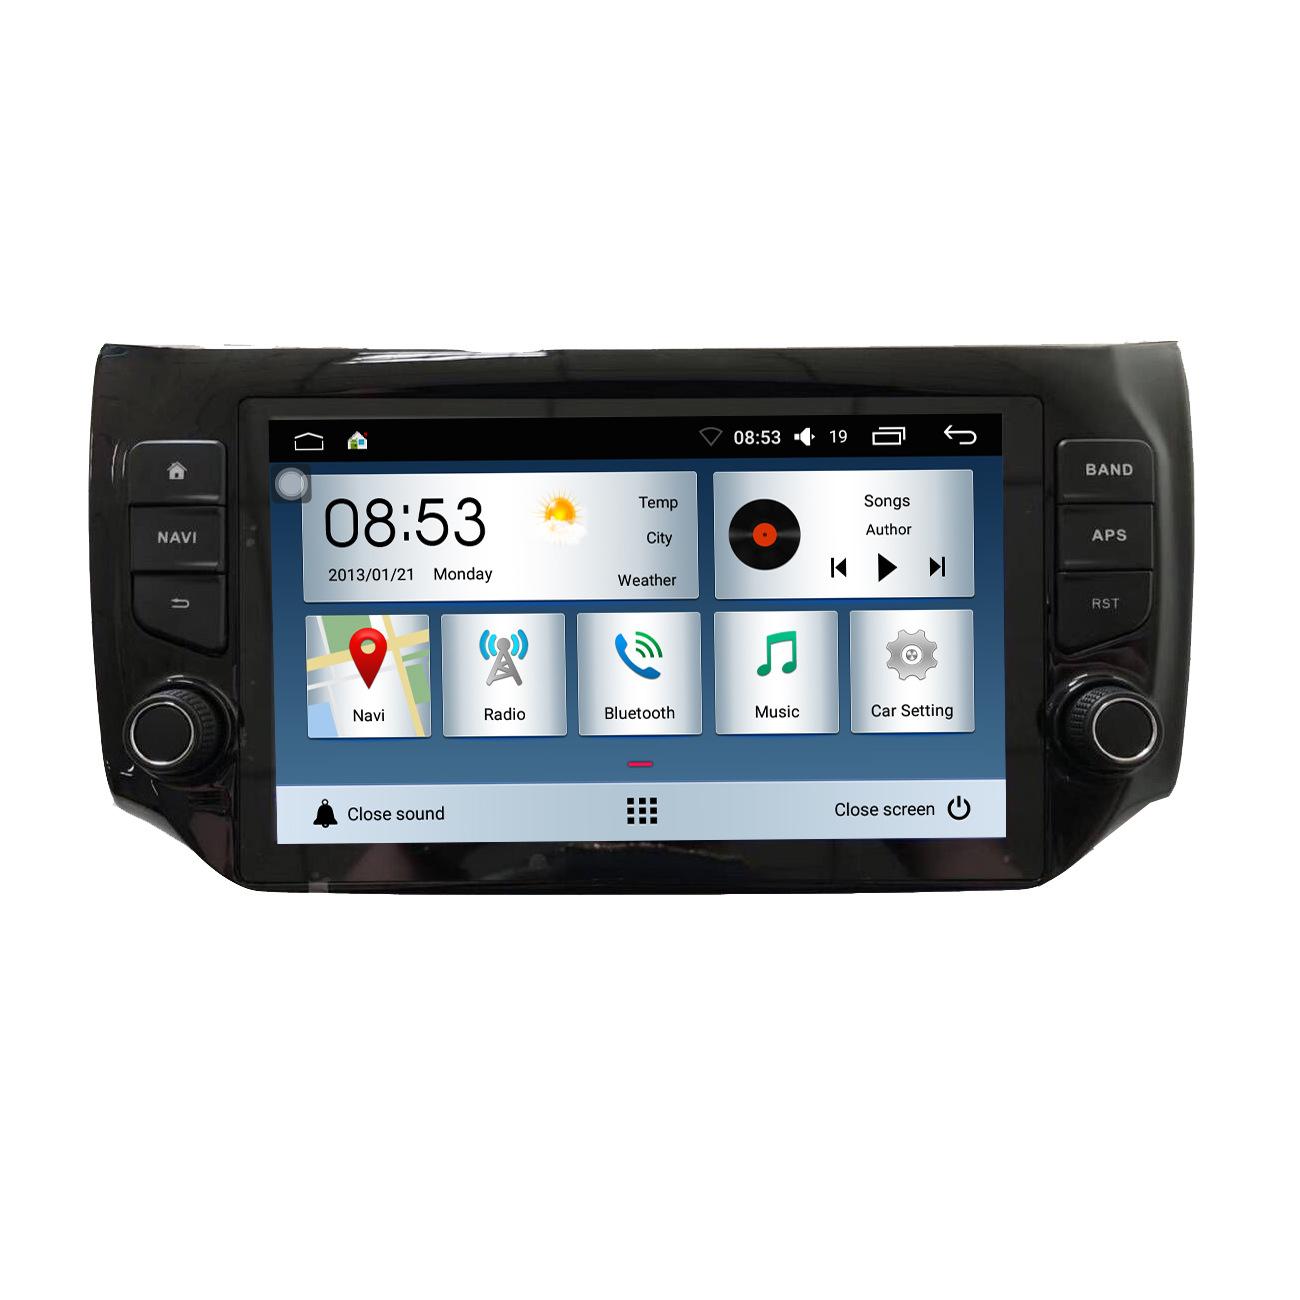 新轩逸车载智能声控导航DVD导航GPS后视记录仪